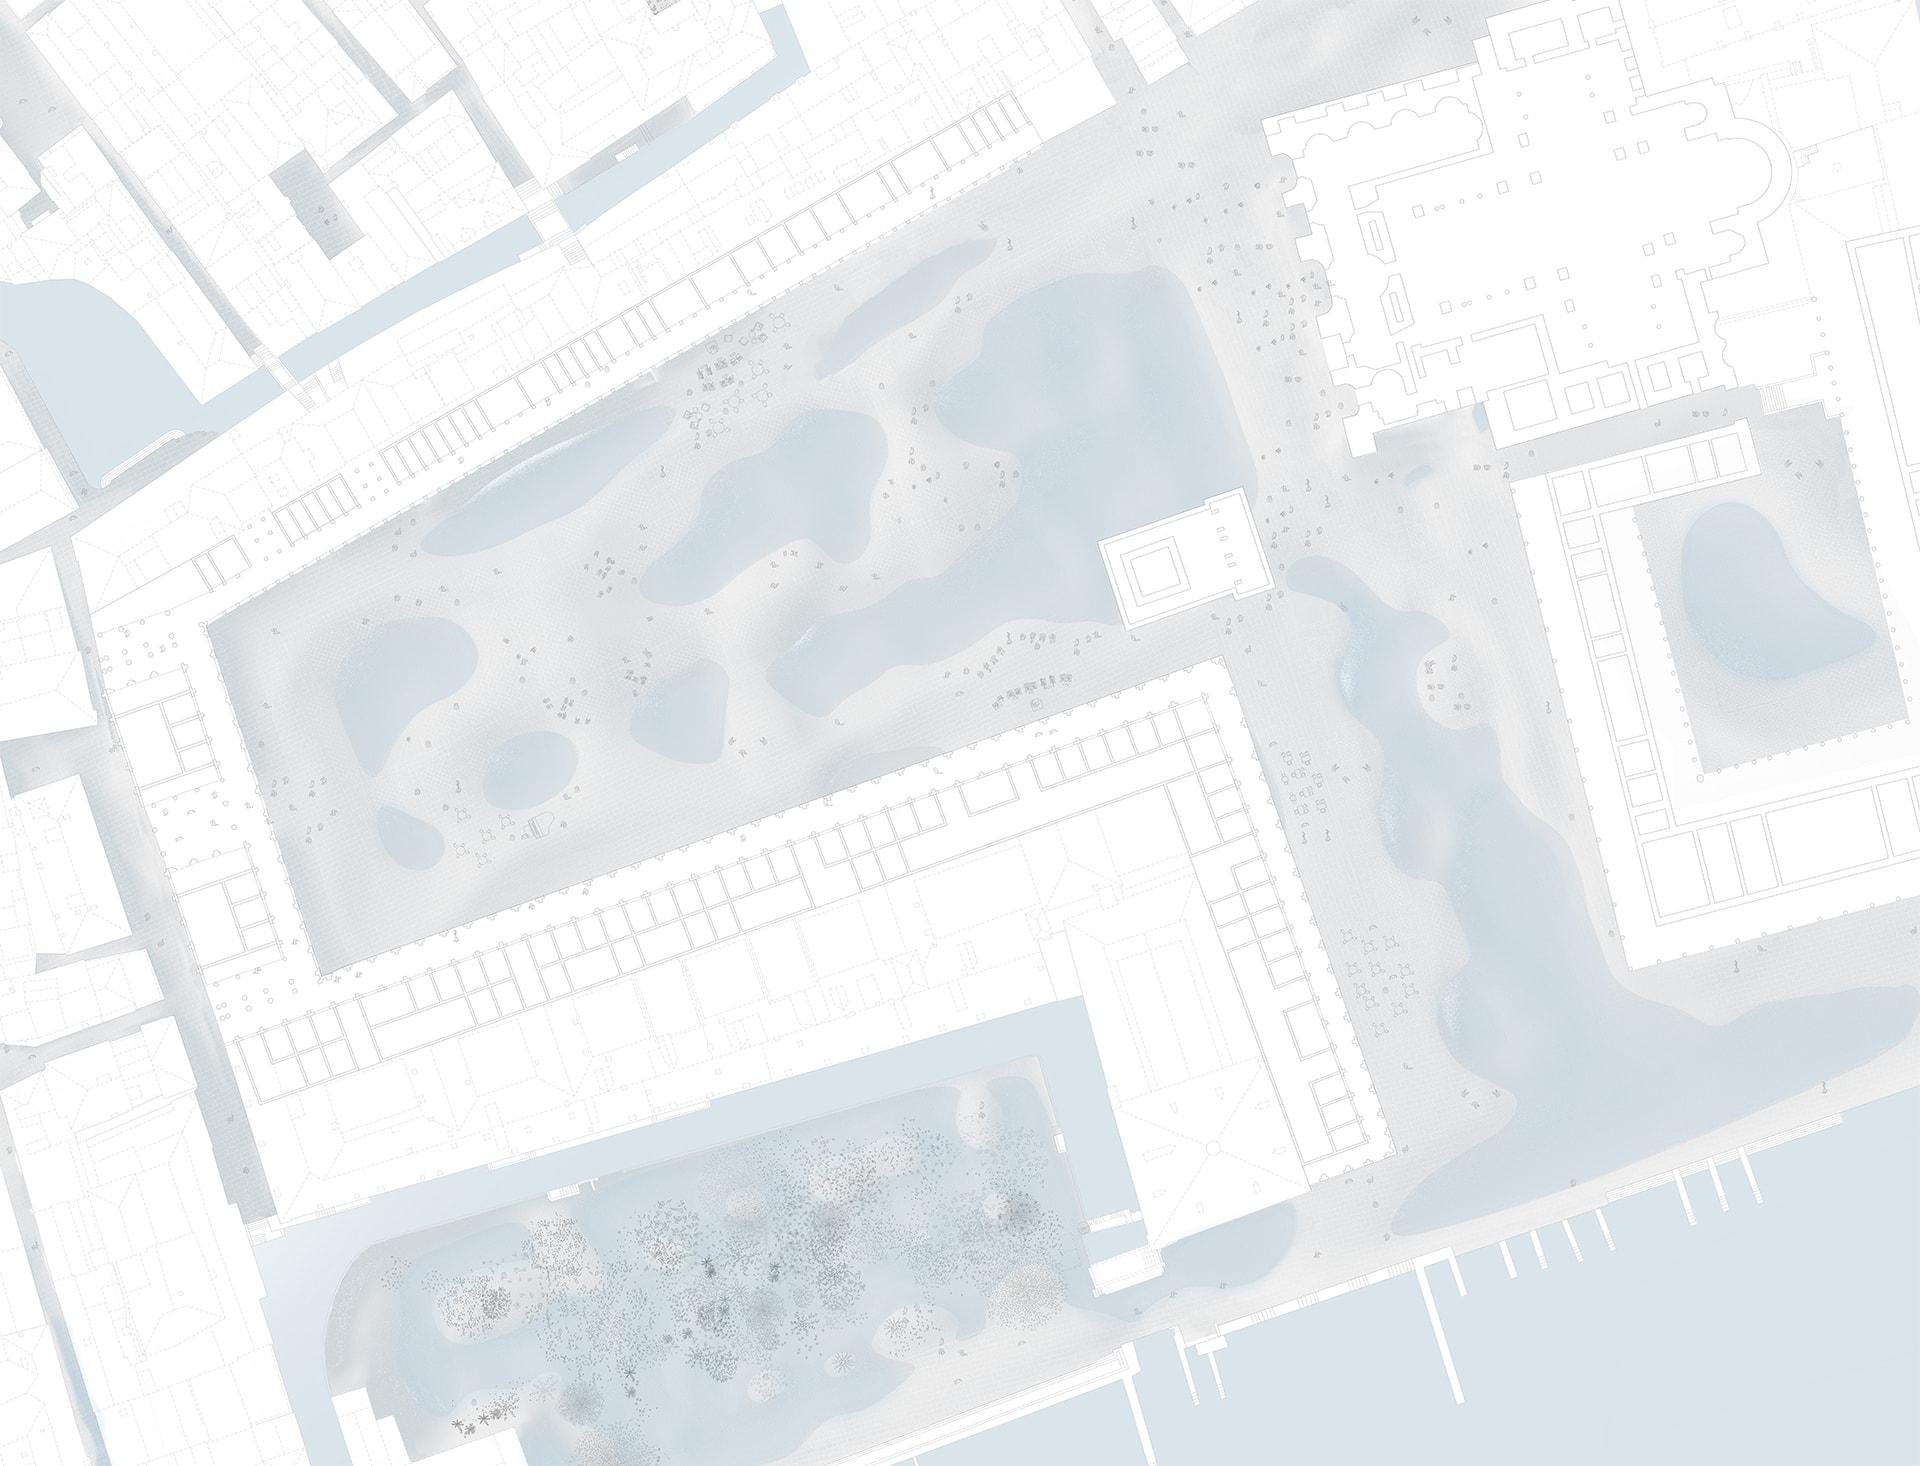 AcquaAlta_BarbaraStallone_architect_SouFujimotoArchitects_04